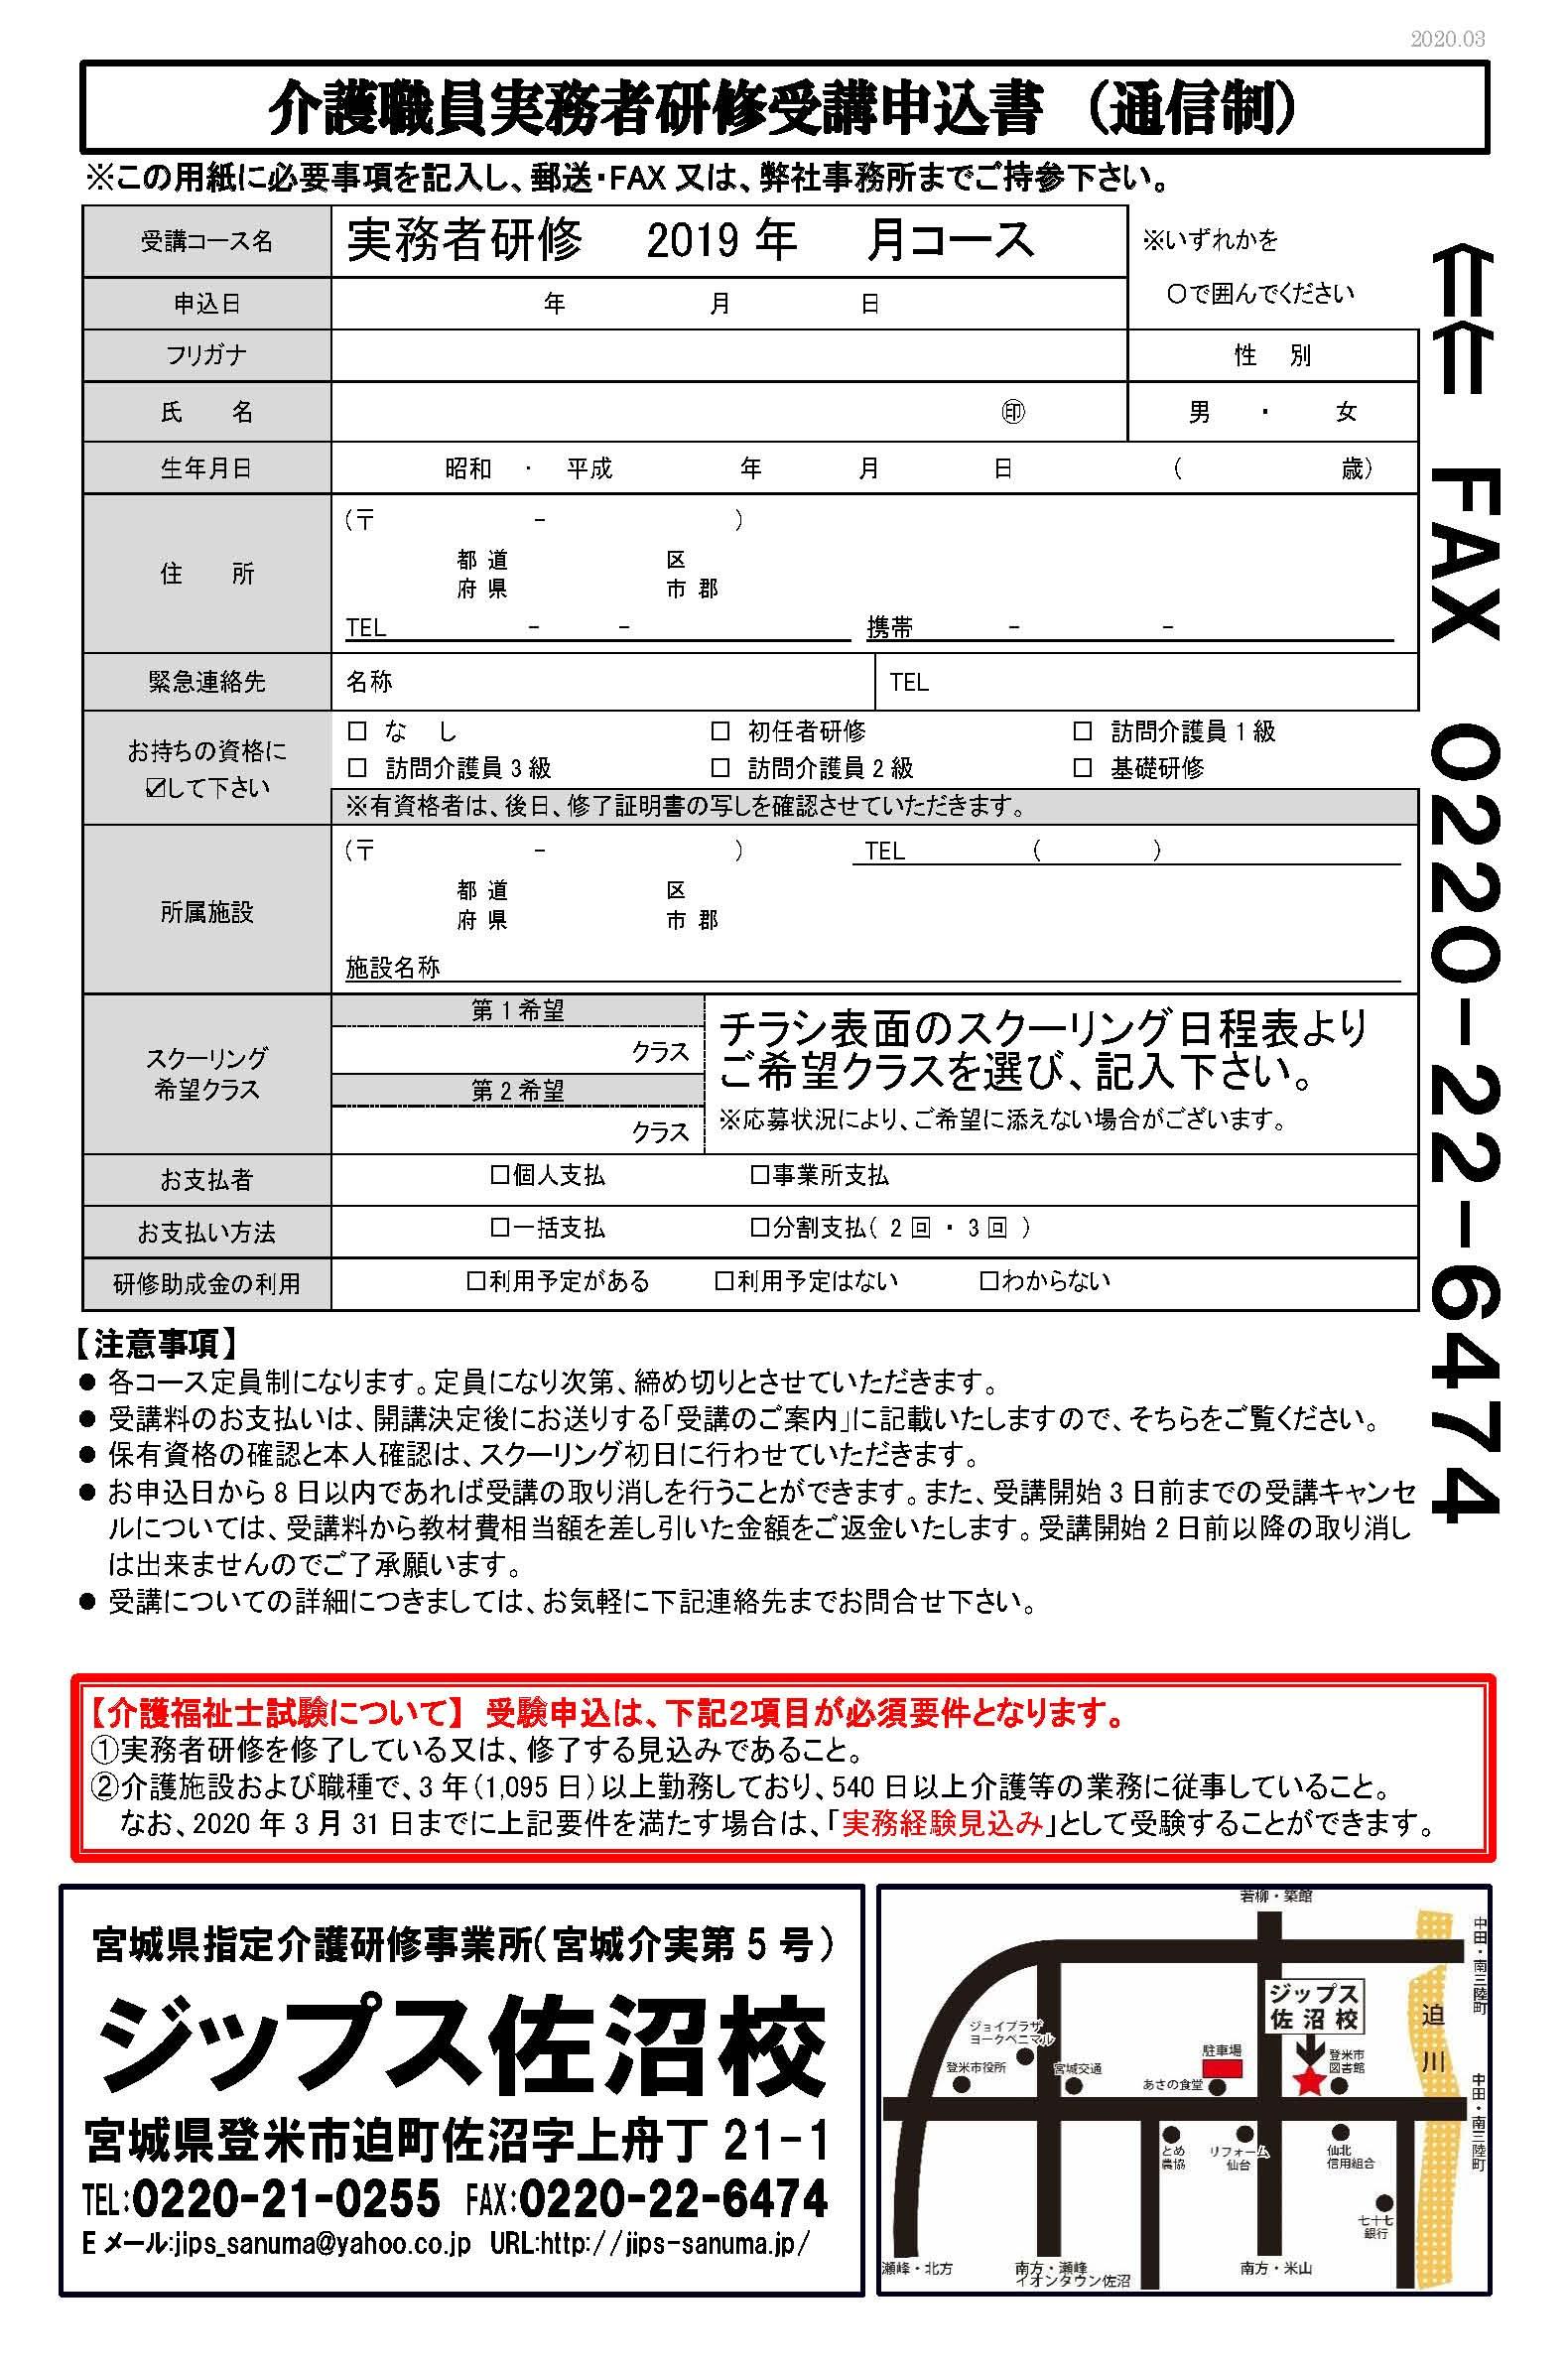 実務者募集チラシ2020年4-5月_ページ_2